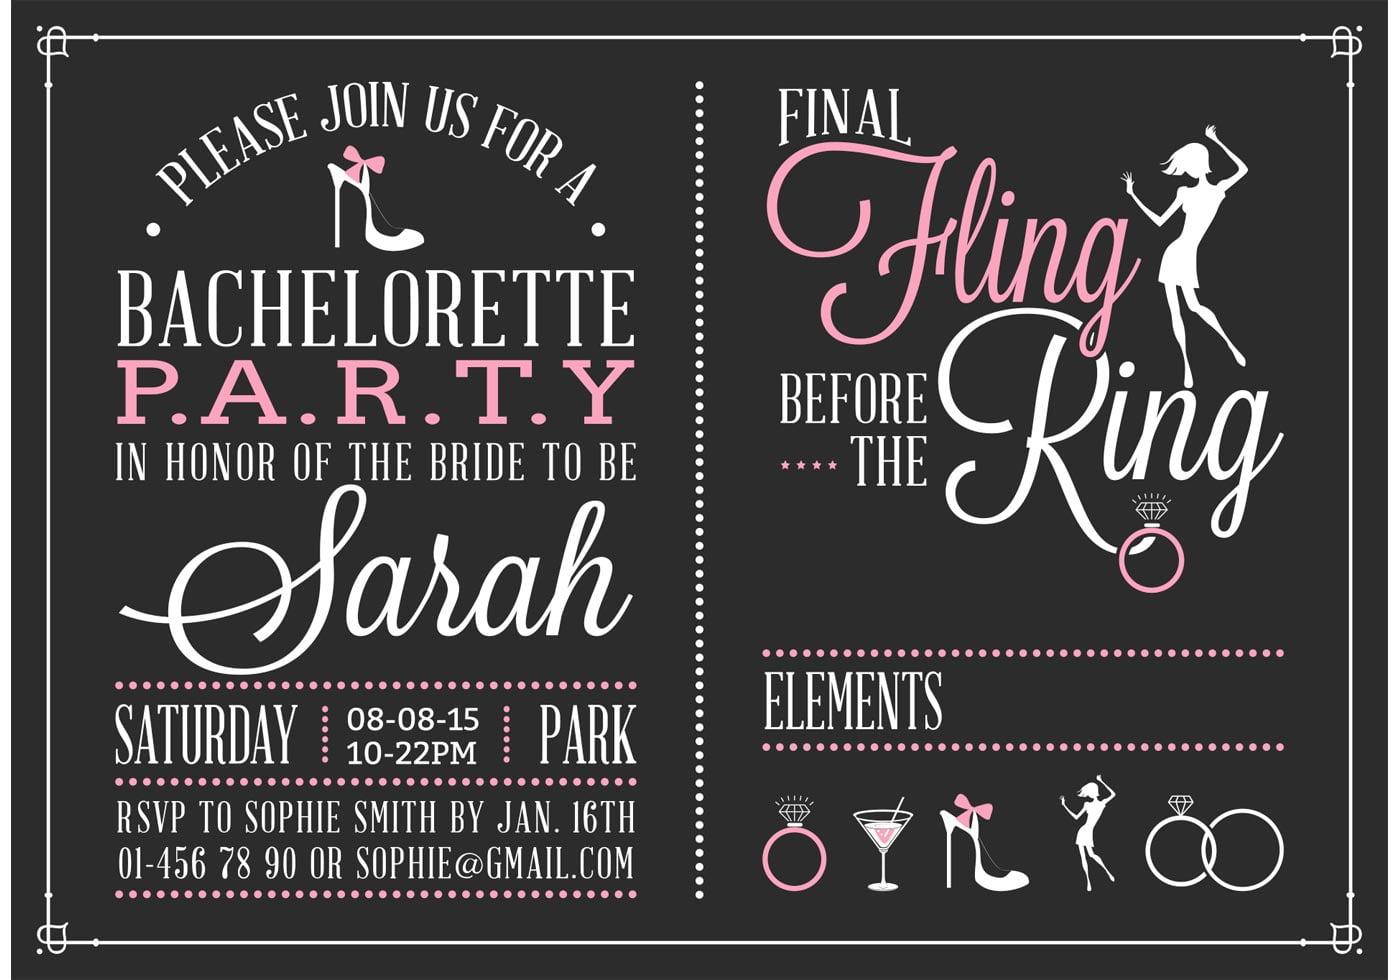 Bachelorette Party Invitation Vector